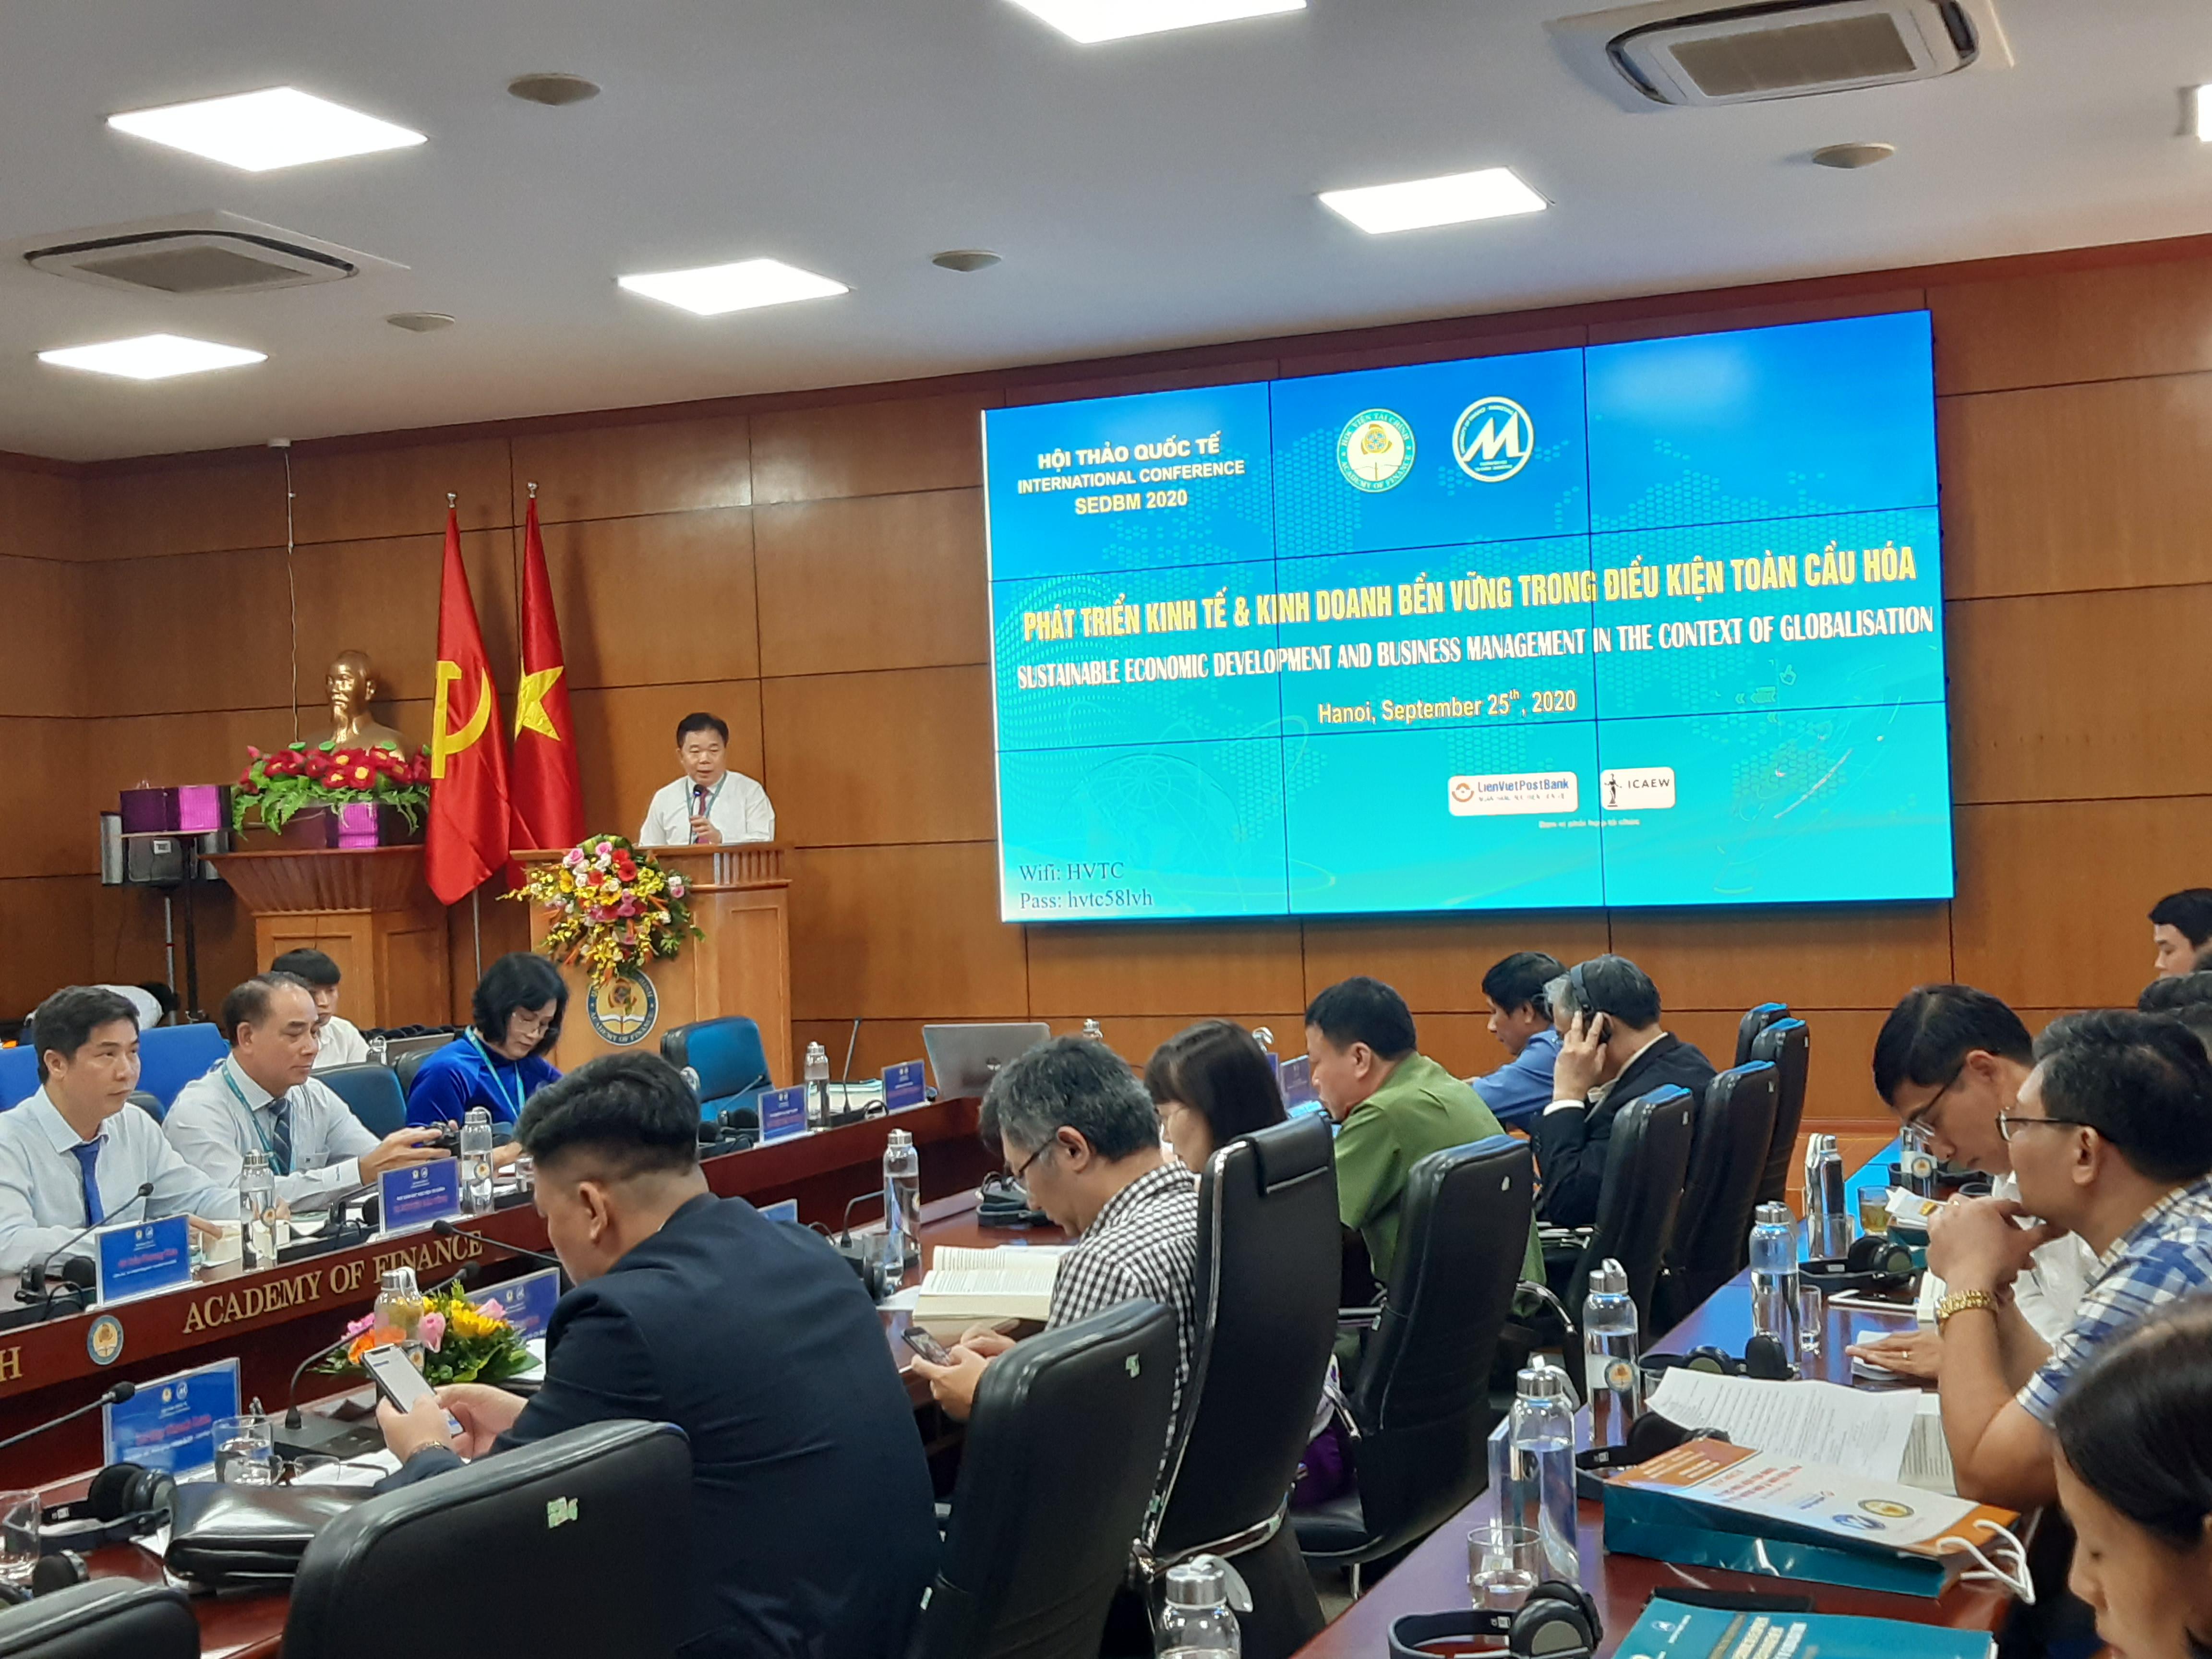 Kinh tế Việt Nam đang đứng trước các cơ hội và thách thức to lớn